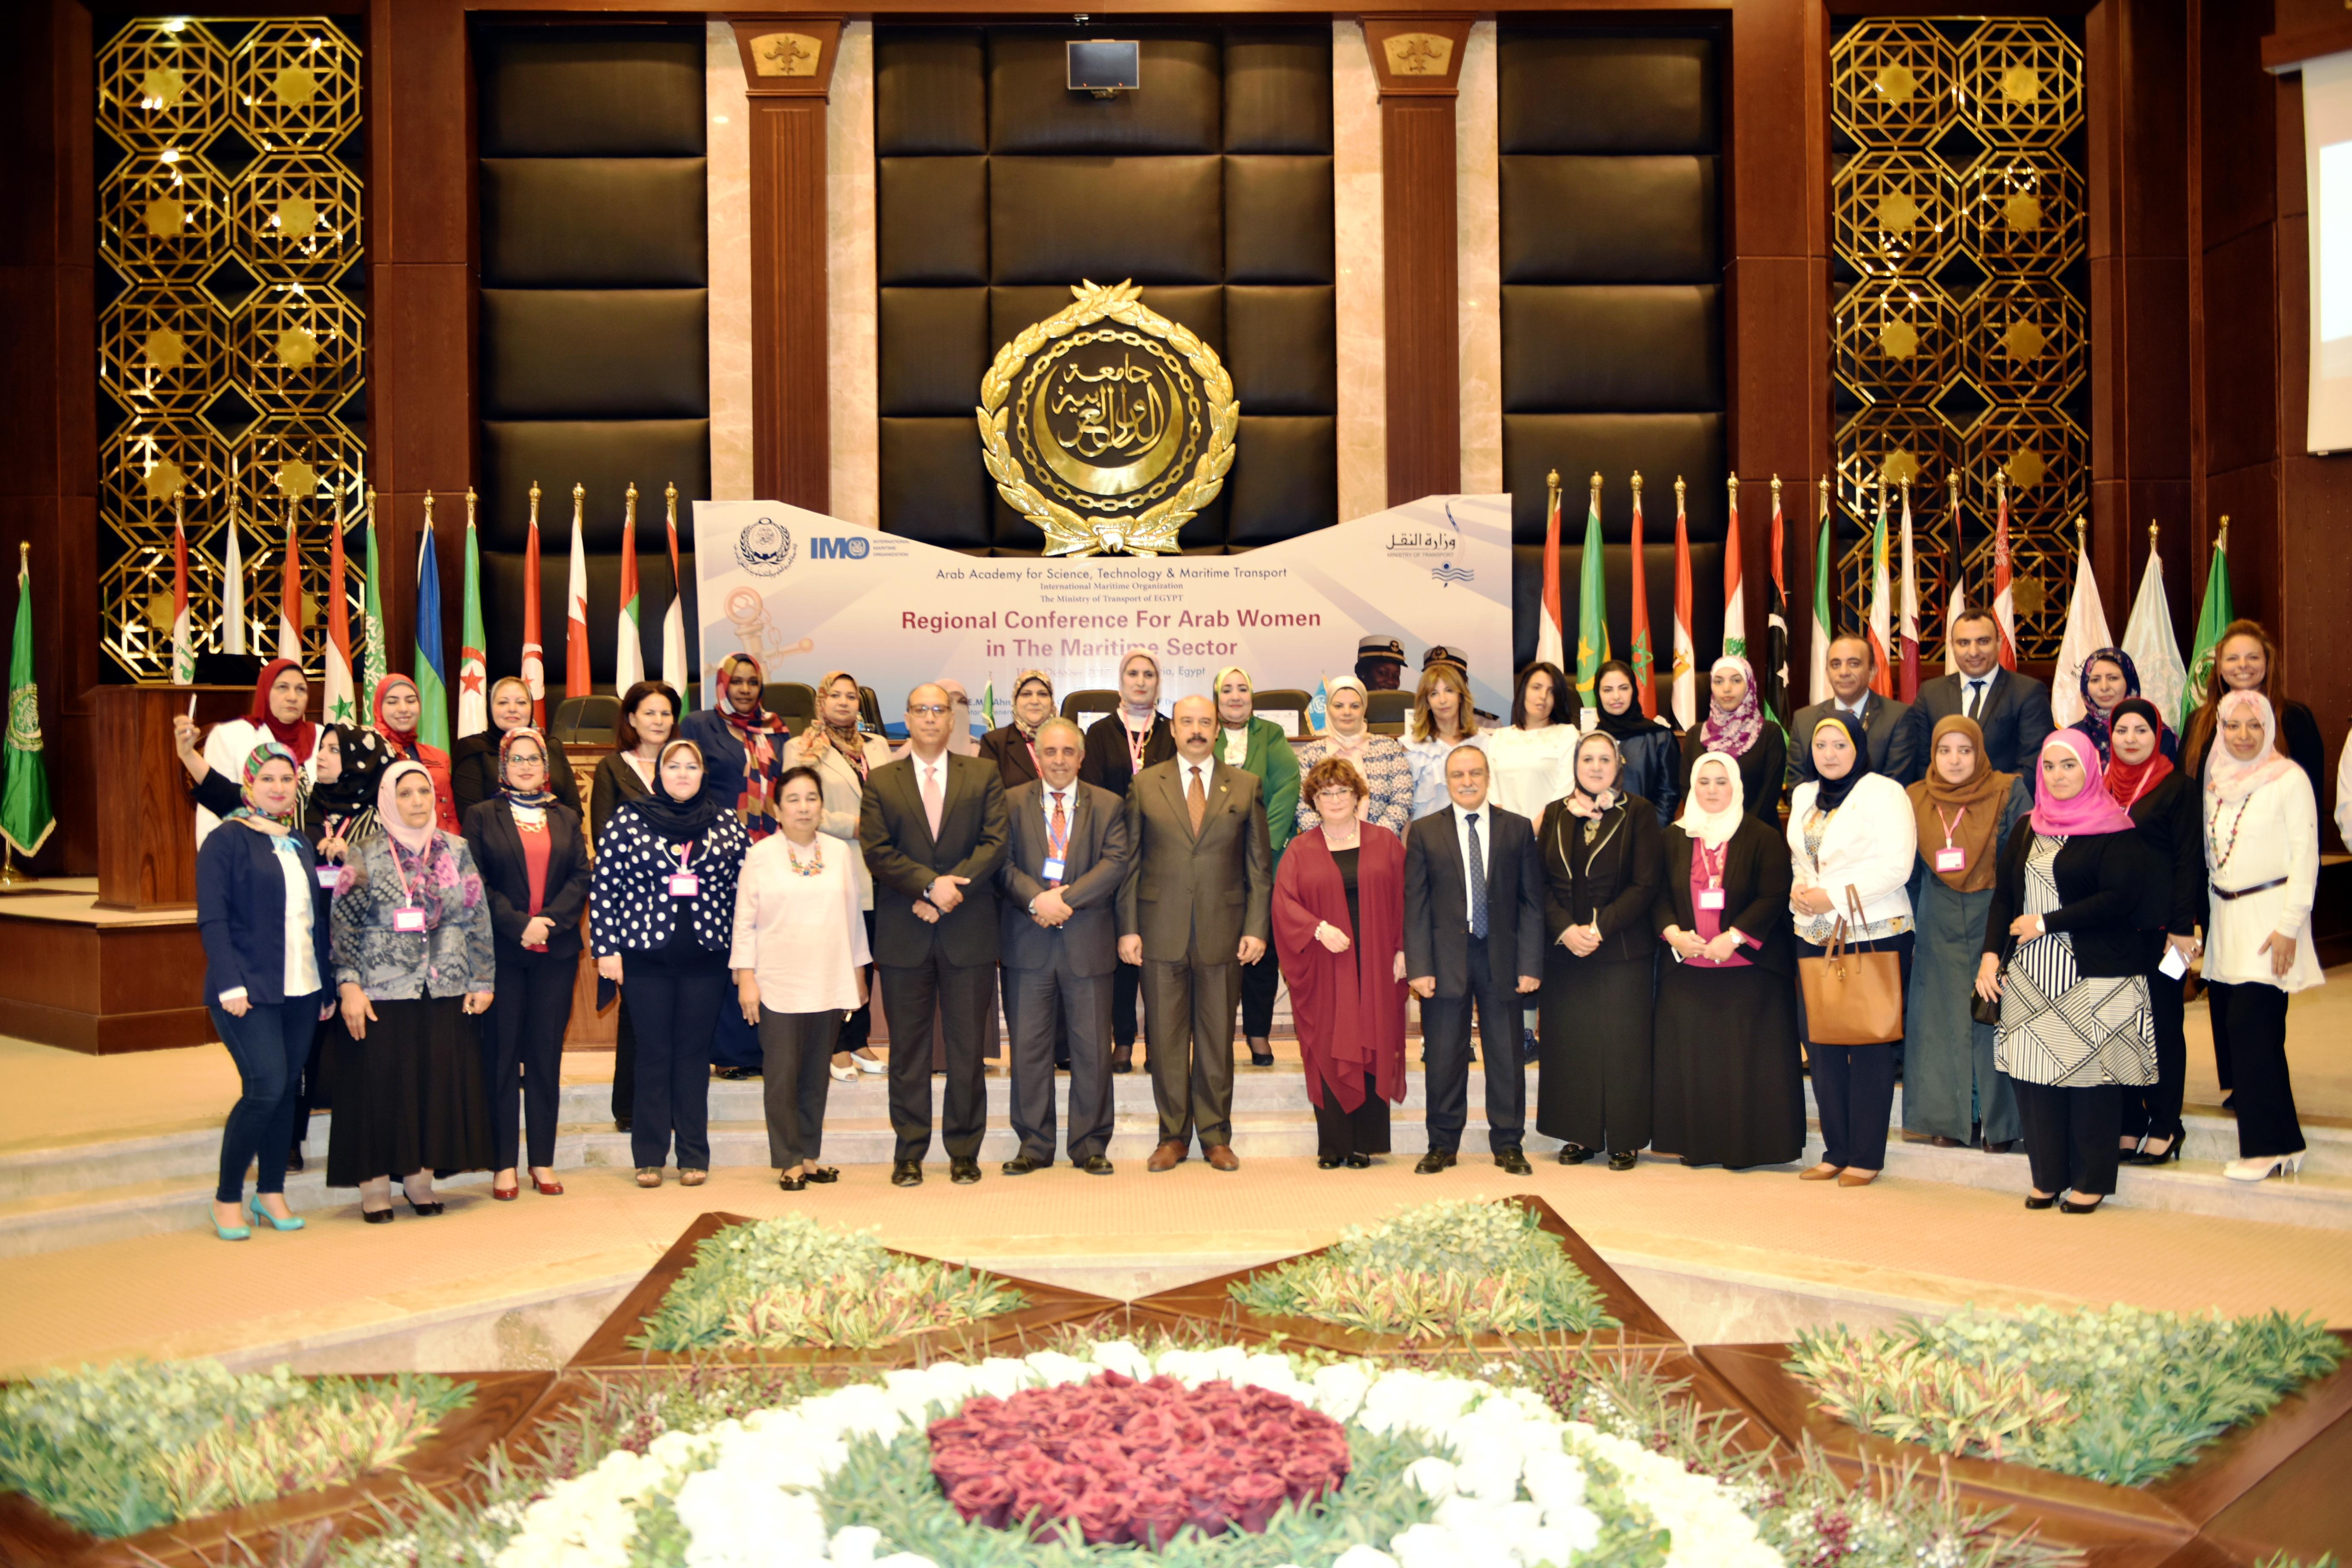 حفل افتتاح  المؤتمر الأقليمى بالقطاع البحرى المرأة العربية 15-19 اكتوبر 2017